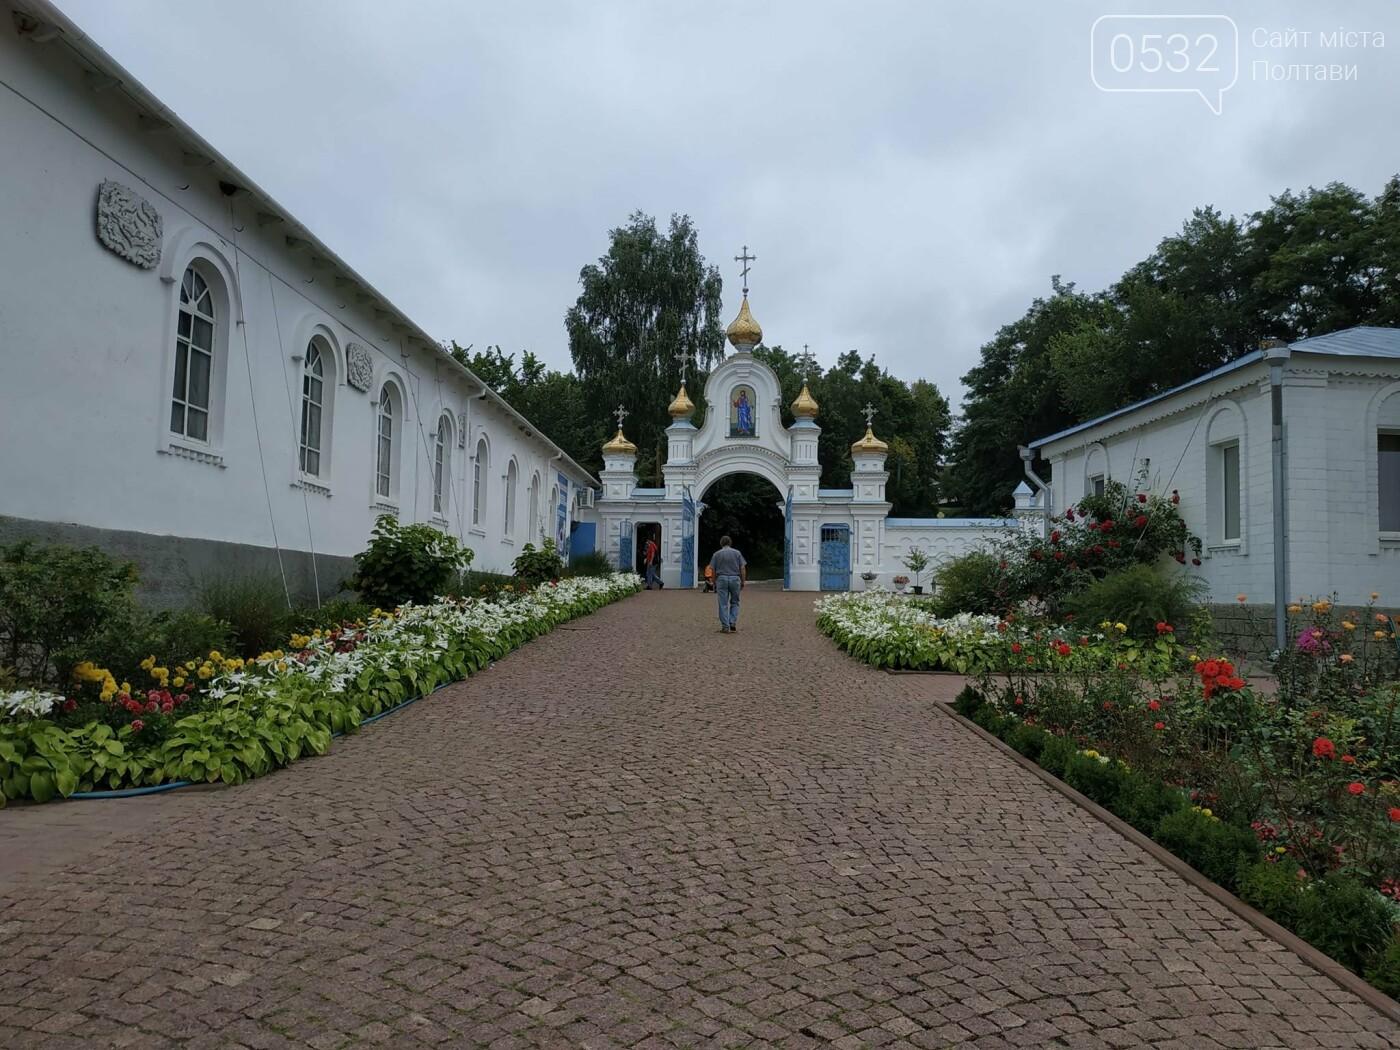 Подорож вихідного дня: вирушаємо до святинь на Сумщині, фото-8